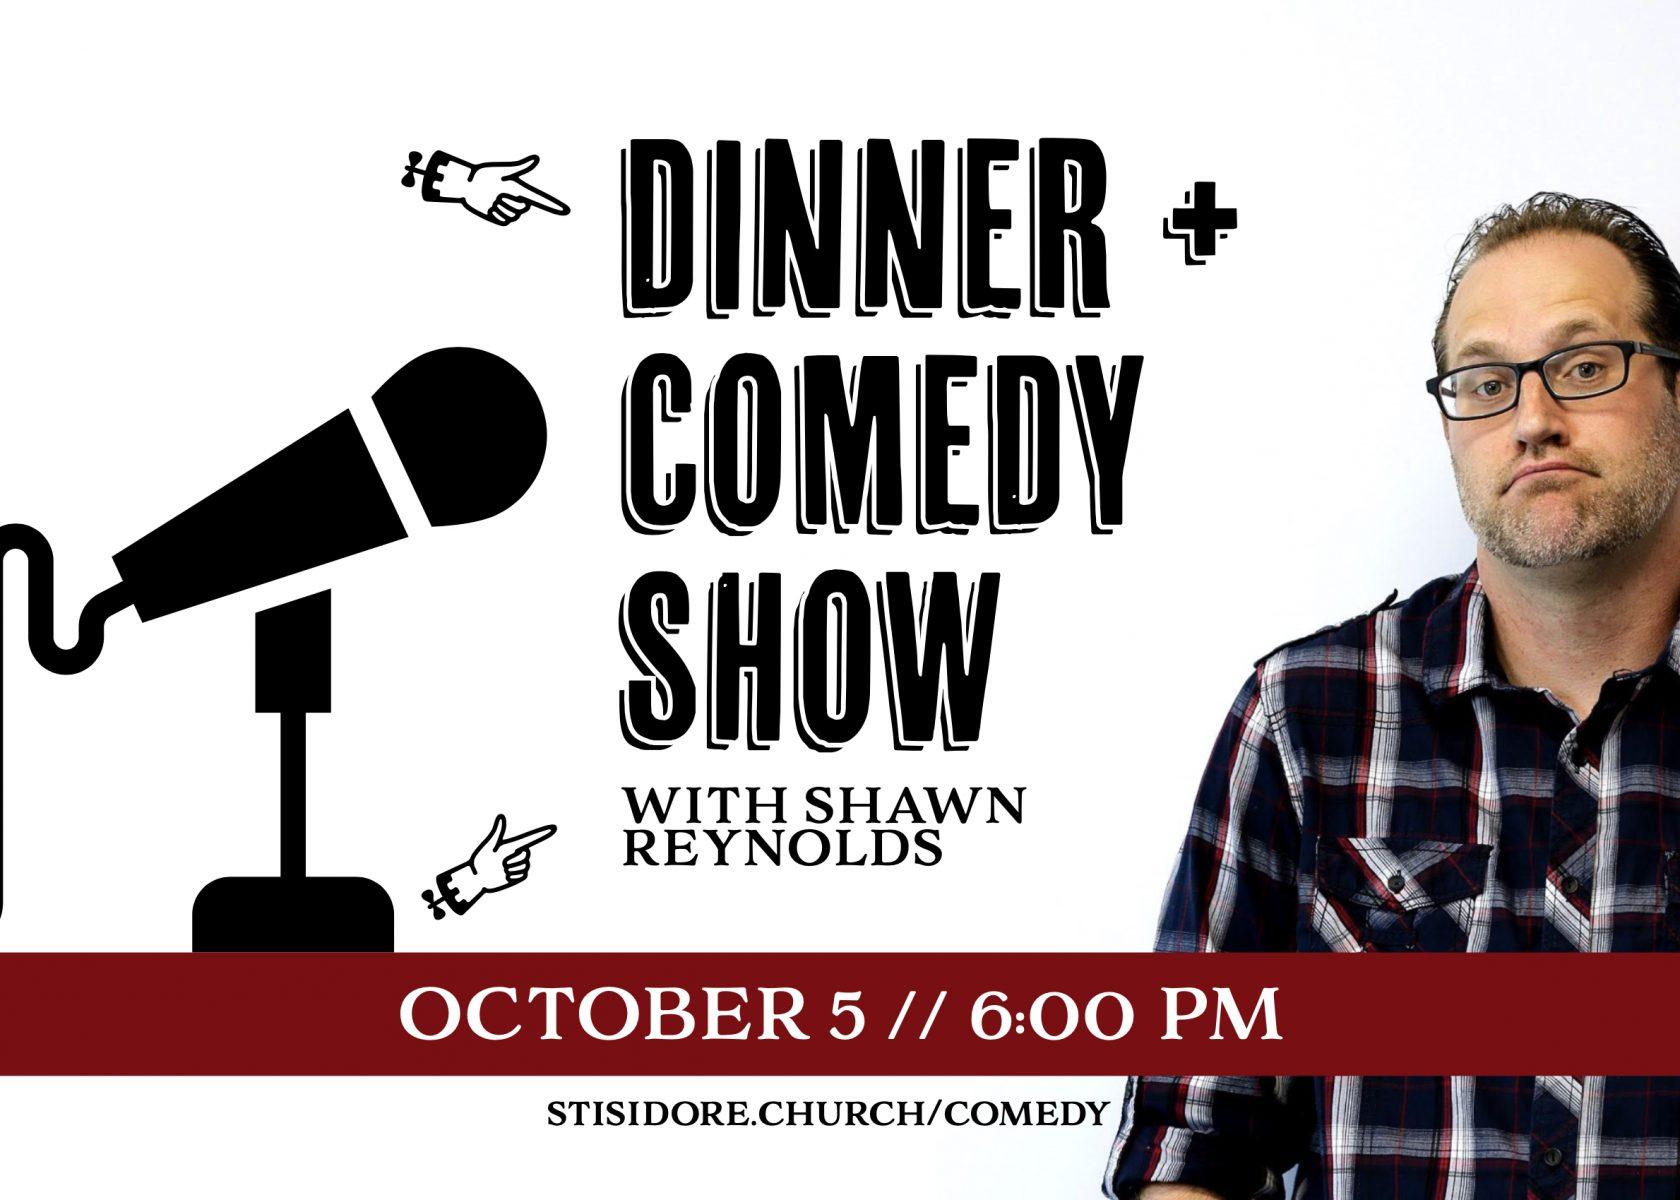 Dinner + Comedy Show